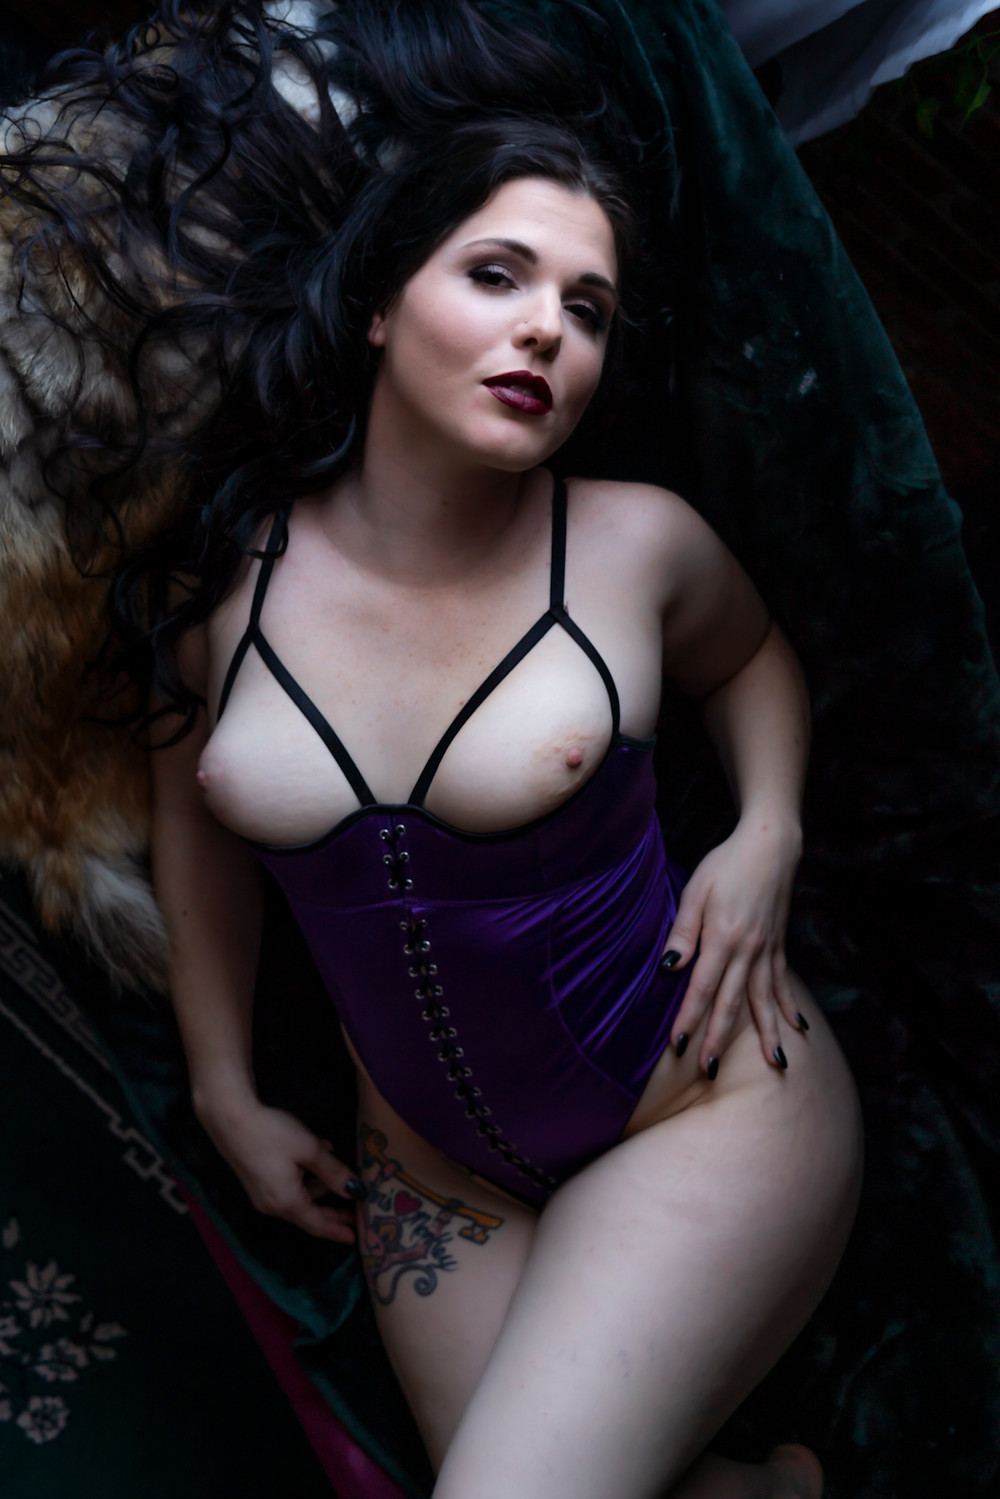 boudoir photography norfolk virginia